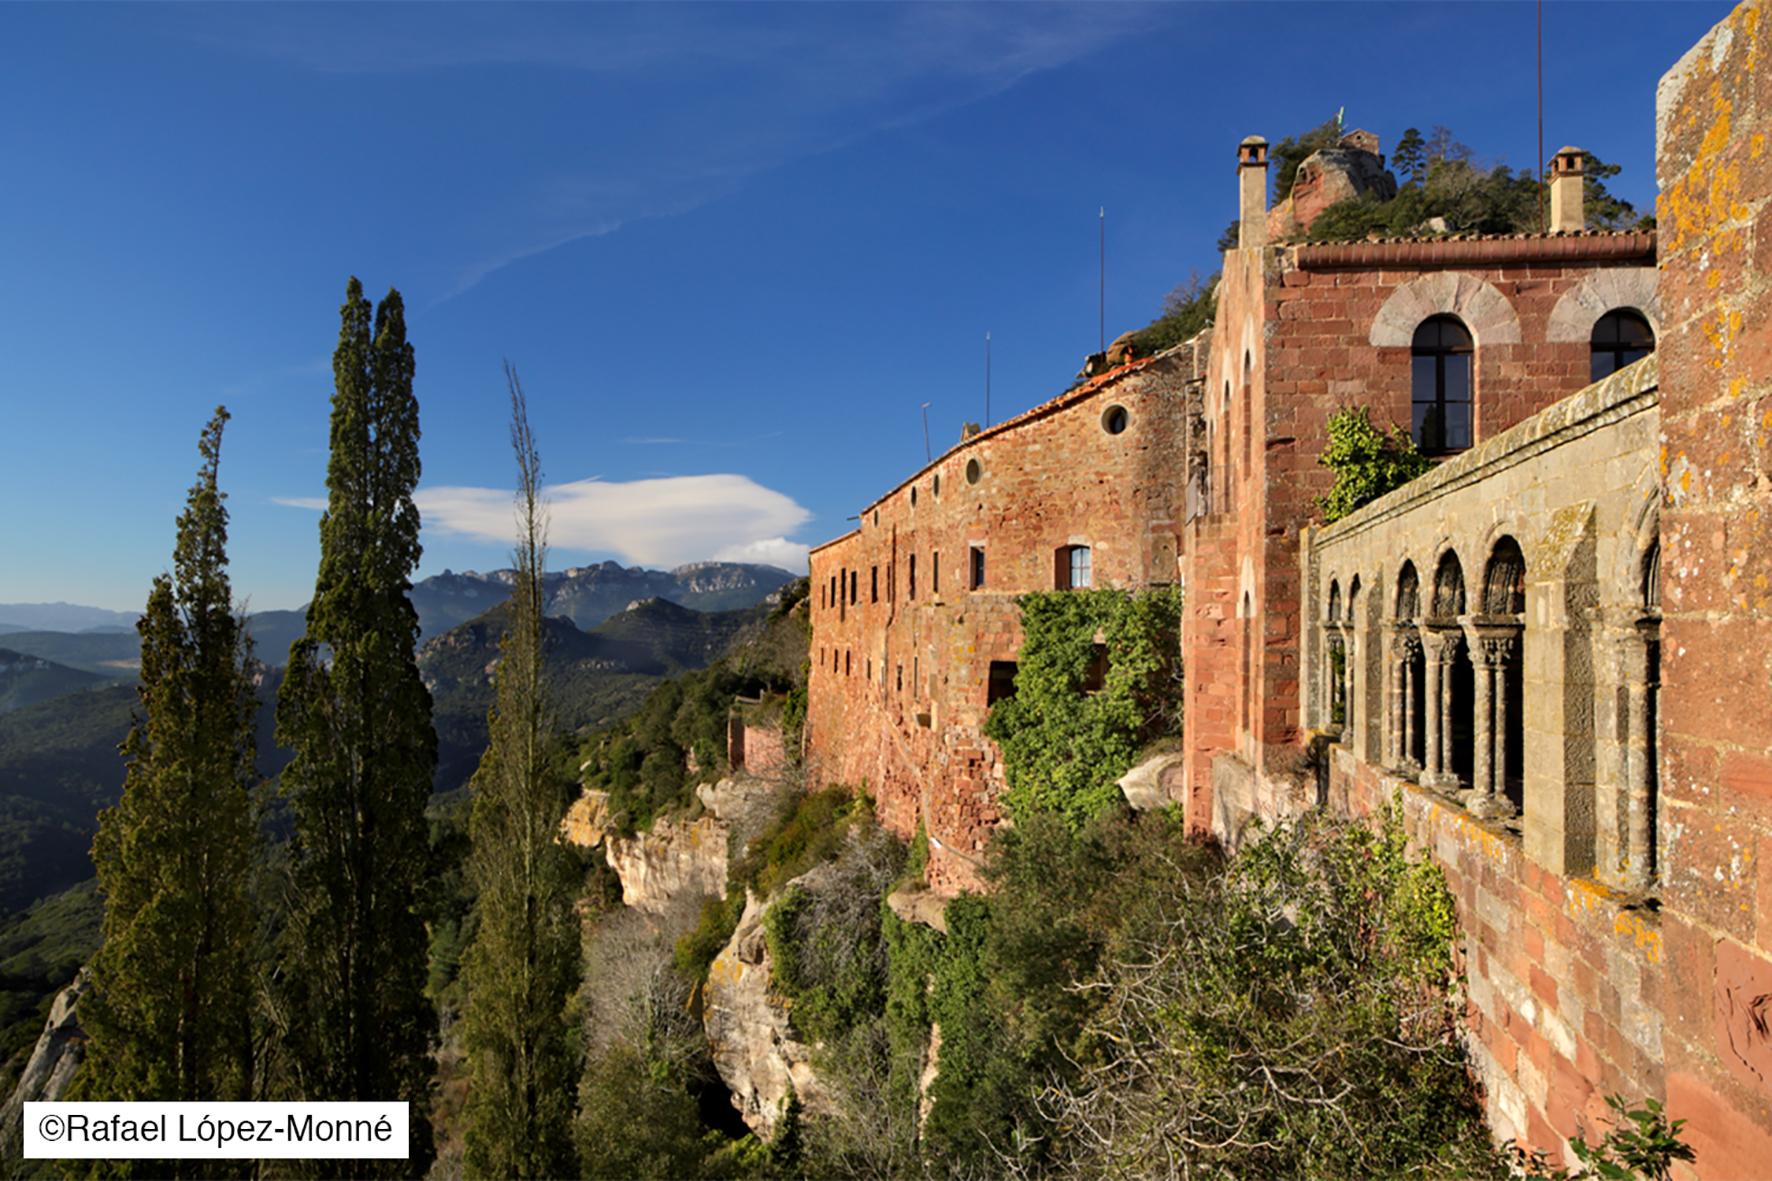 Château monastère Escornalbou à Riudecanyes